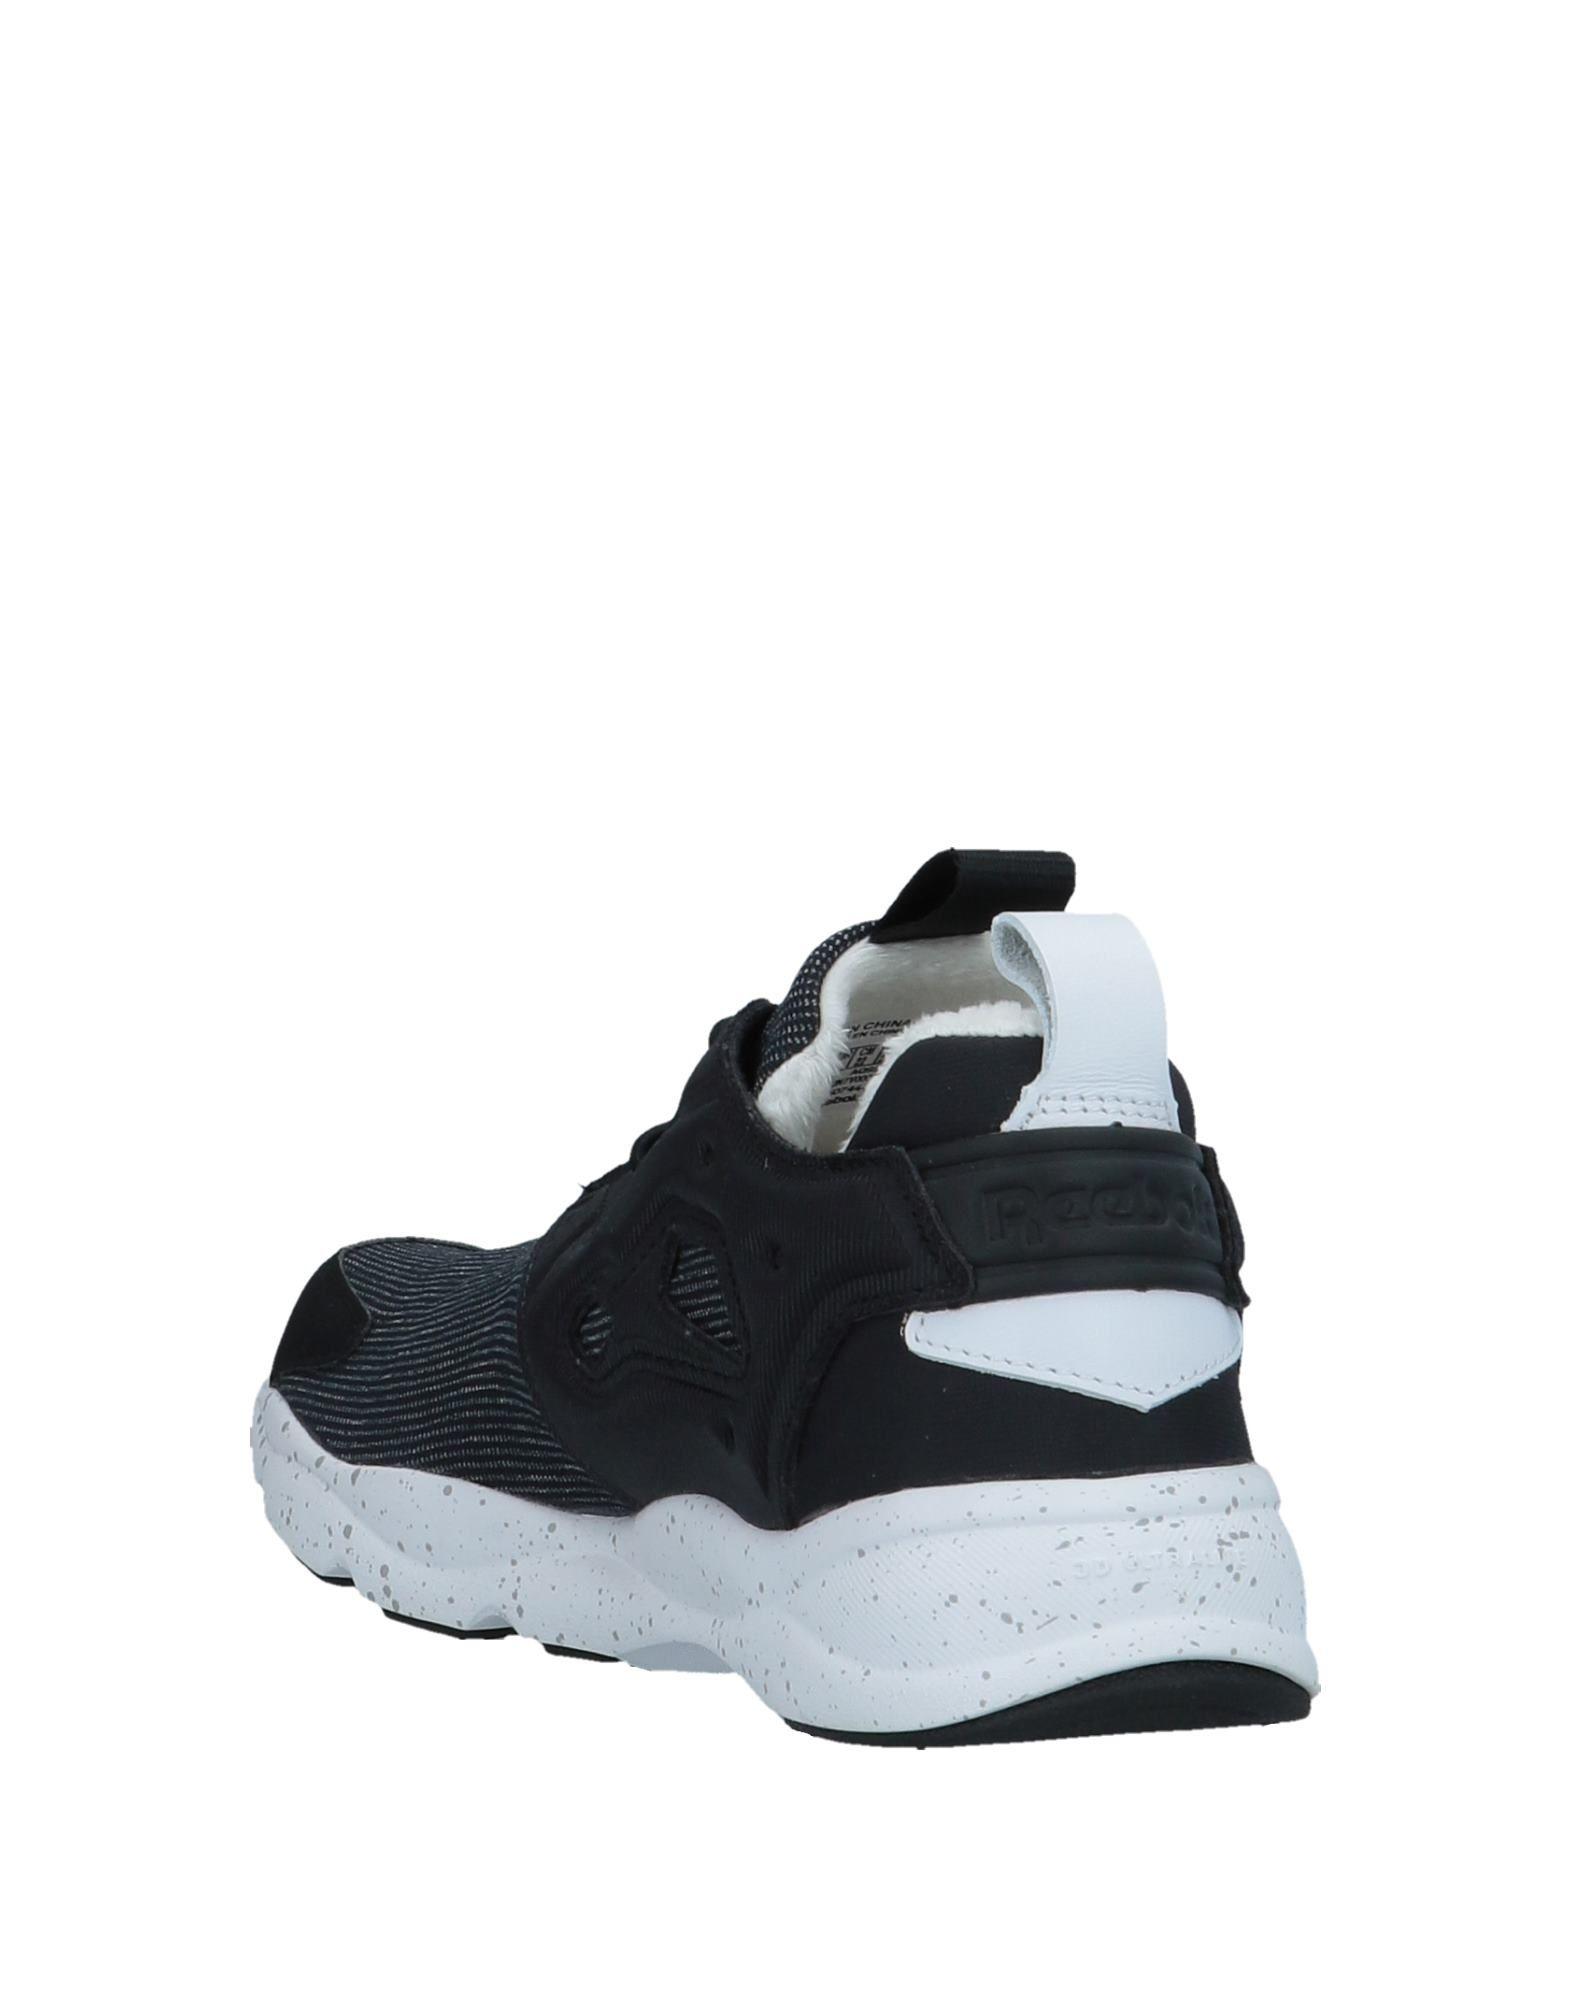 Reebok Sneakers Damen Qualität  11522397TQ Gute Qualität Damen beliebte Schuhe 001f95